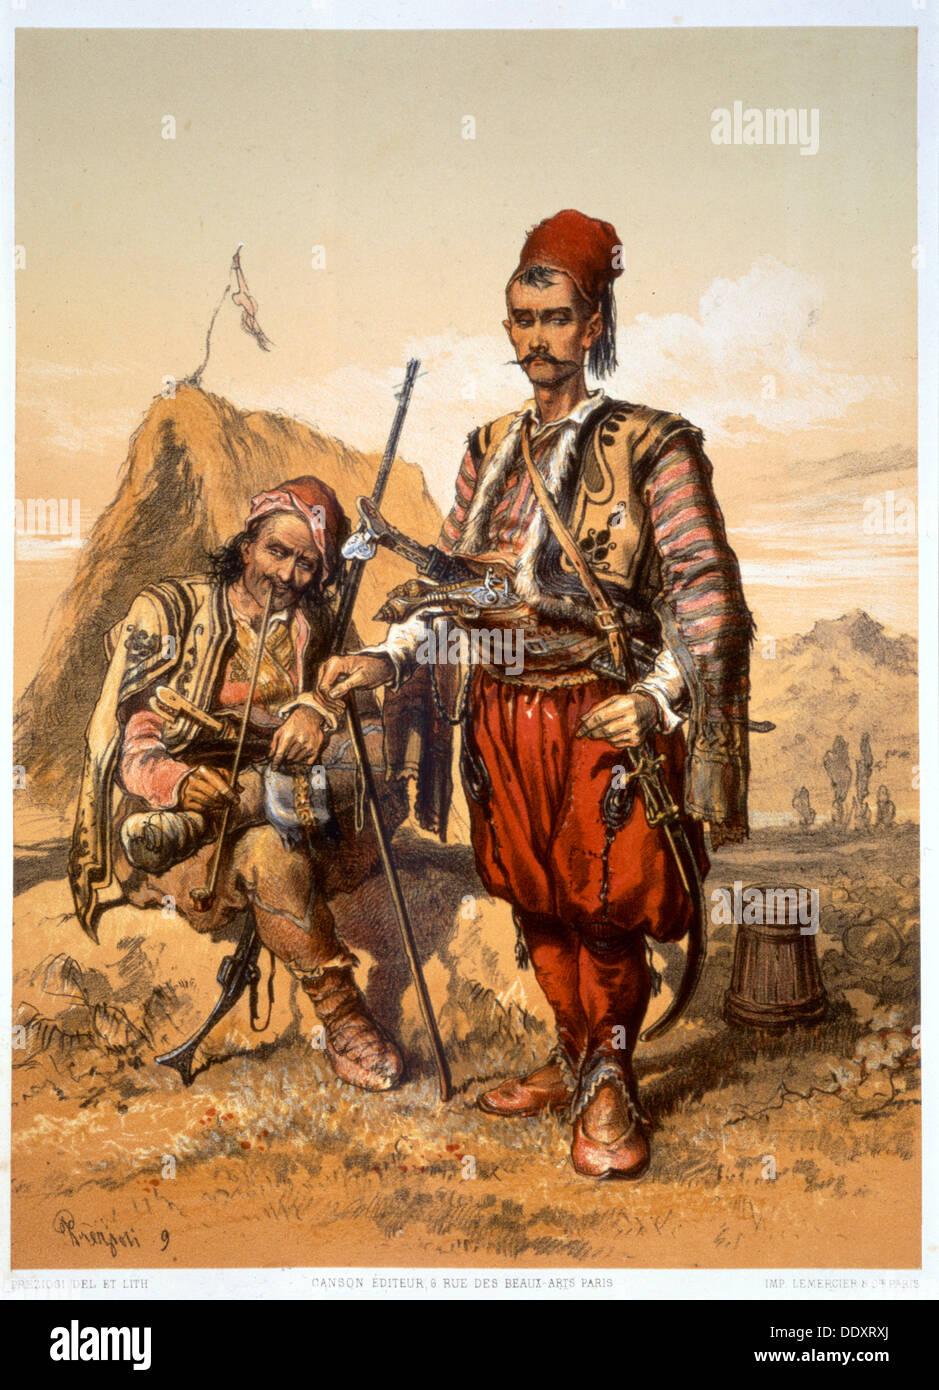 Bagno turco piedi soldati dell'esercito Ottomano, 1857. Artista: Amadeo Preziosi Immagini Stock